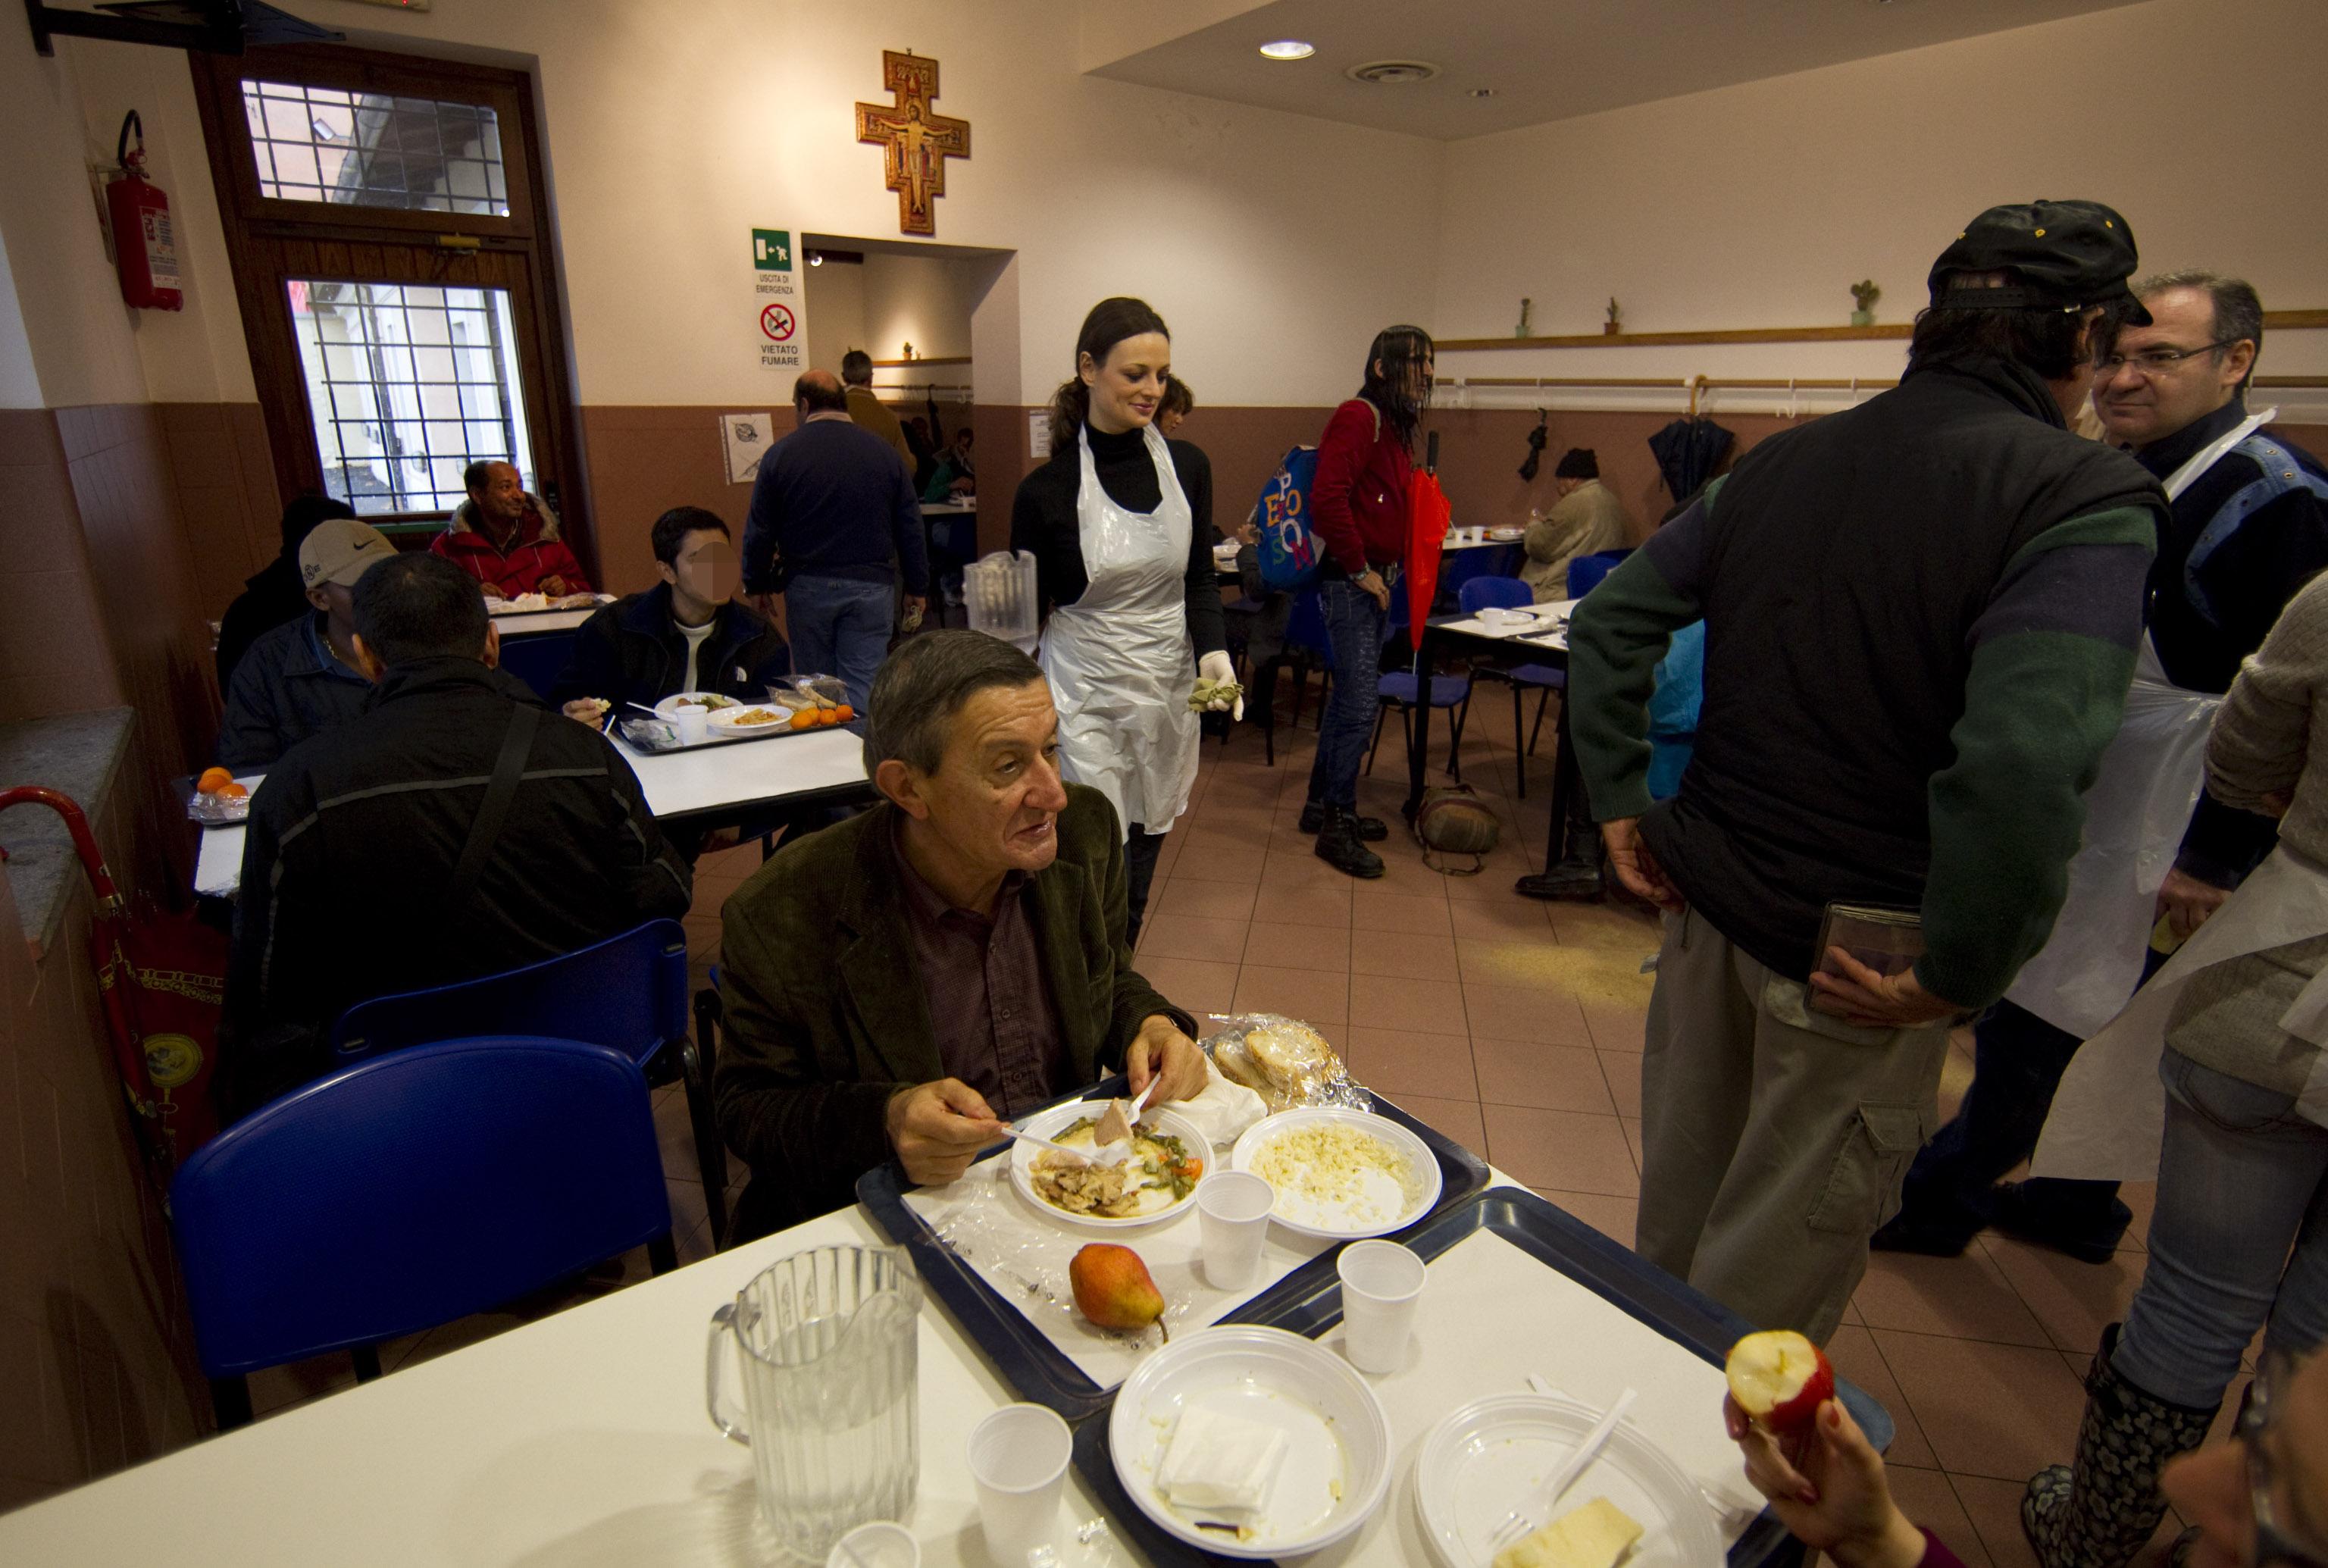 """Coronavirus, Coldiretti: """"340mln di aiuti alimentari per 5,6mln poveri"""""""